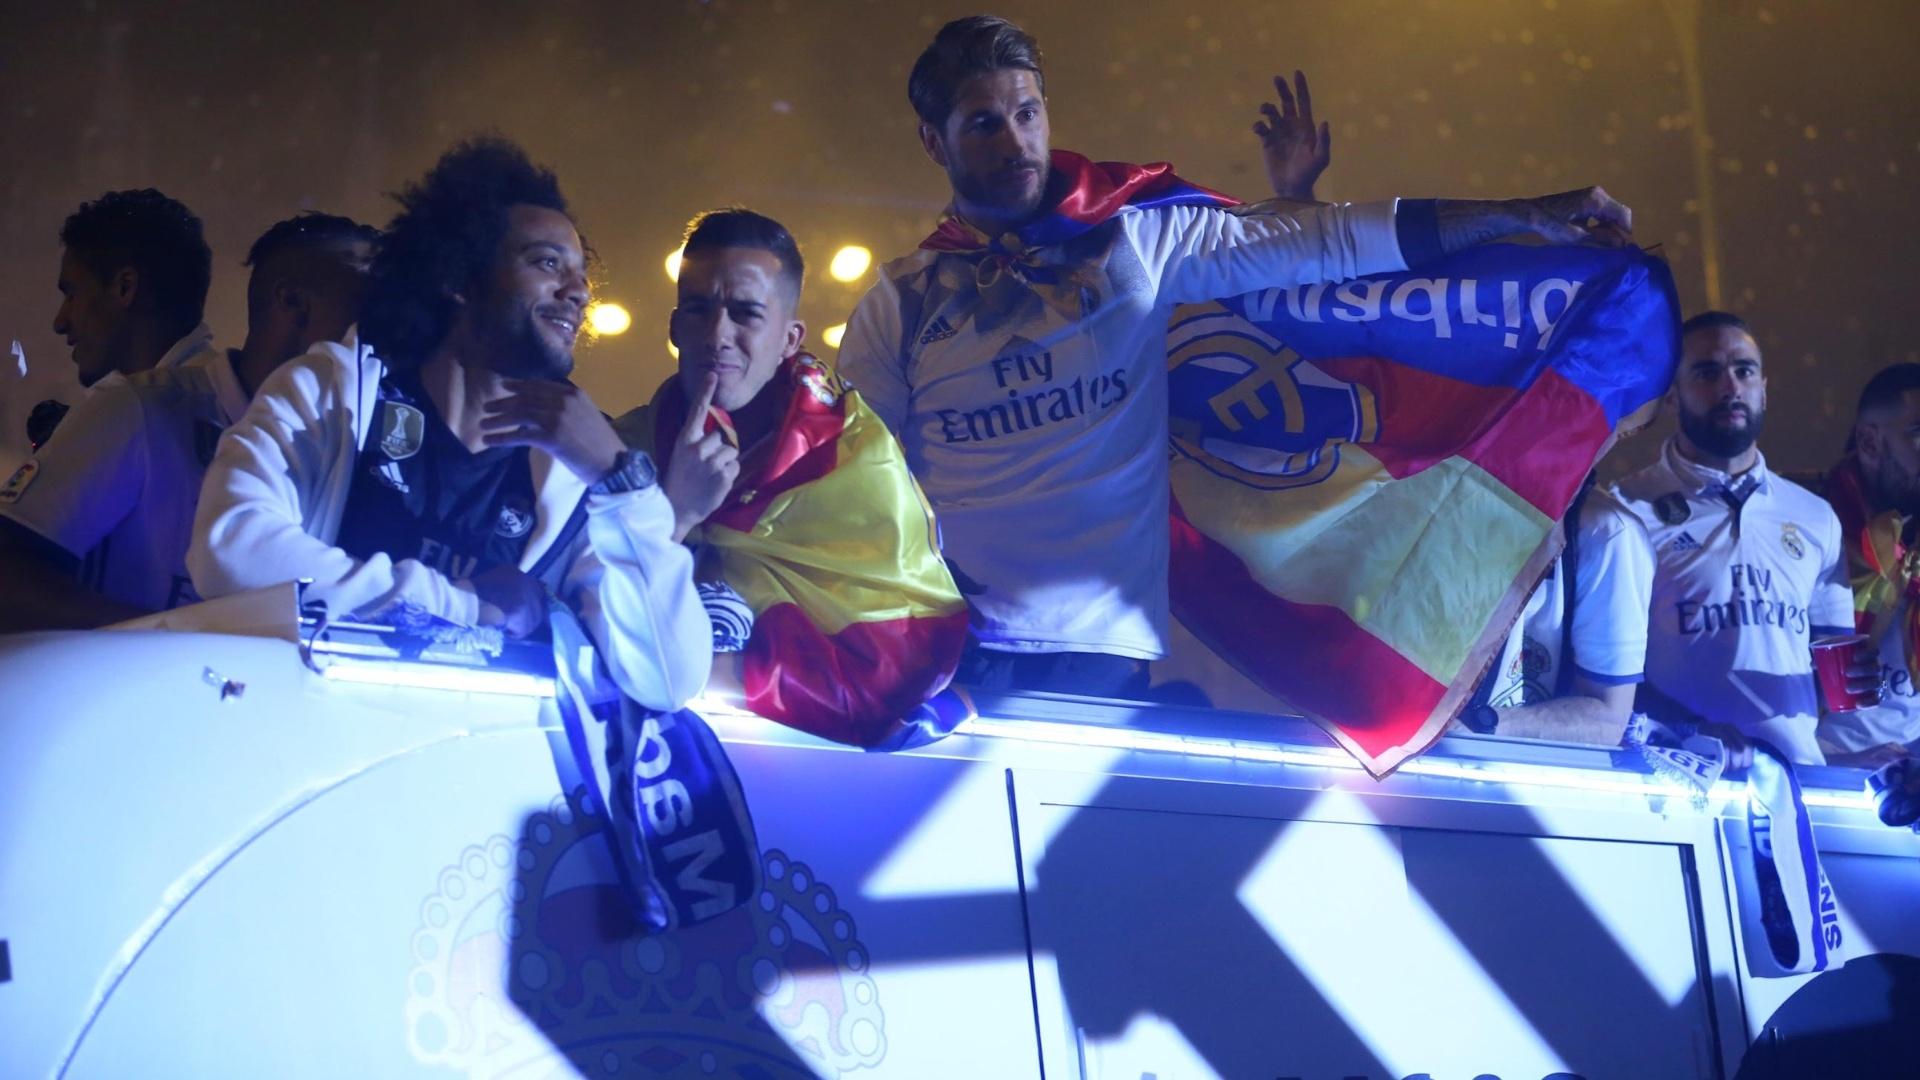 Elenco do Real Madrid em carreata para comemorar o título espanhol